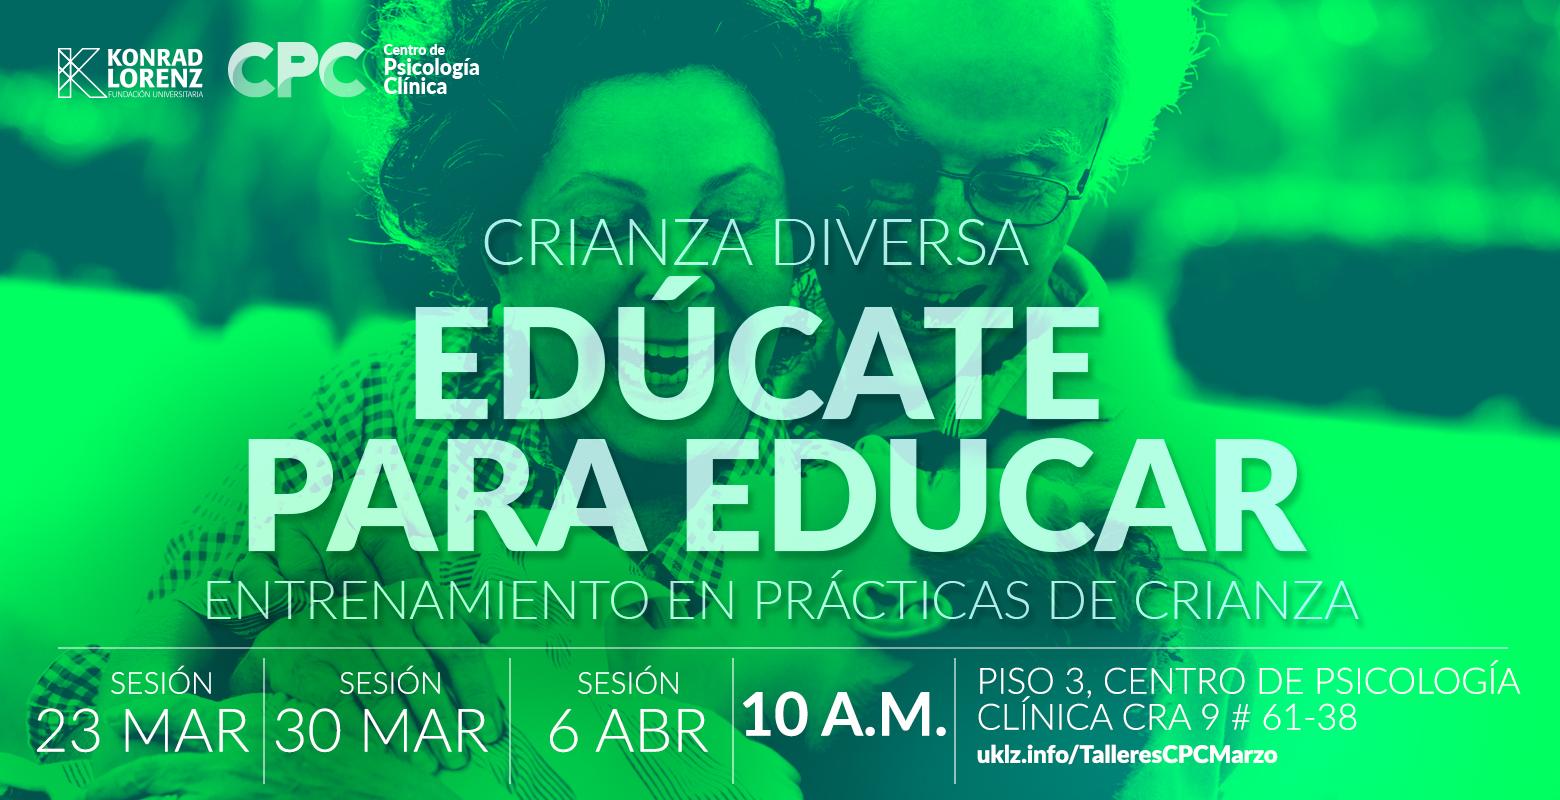 Crianza diversa: Edúcate para educar